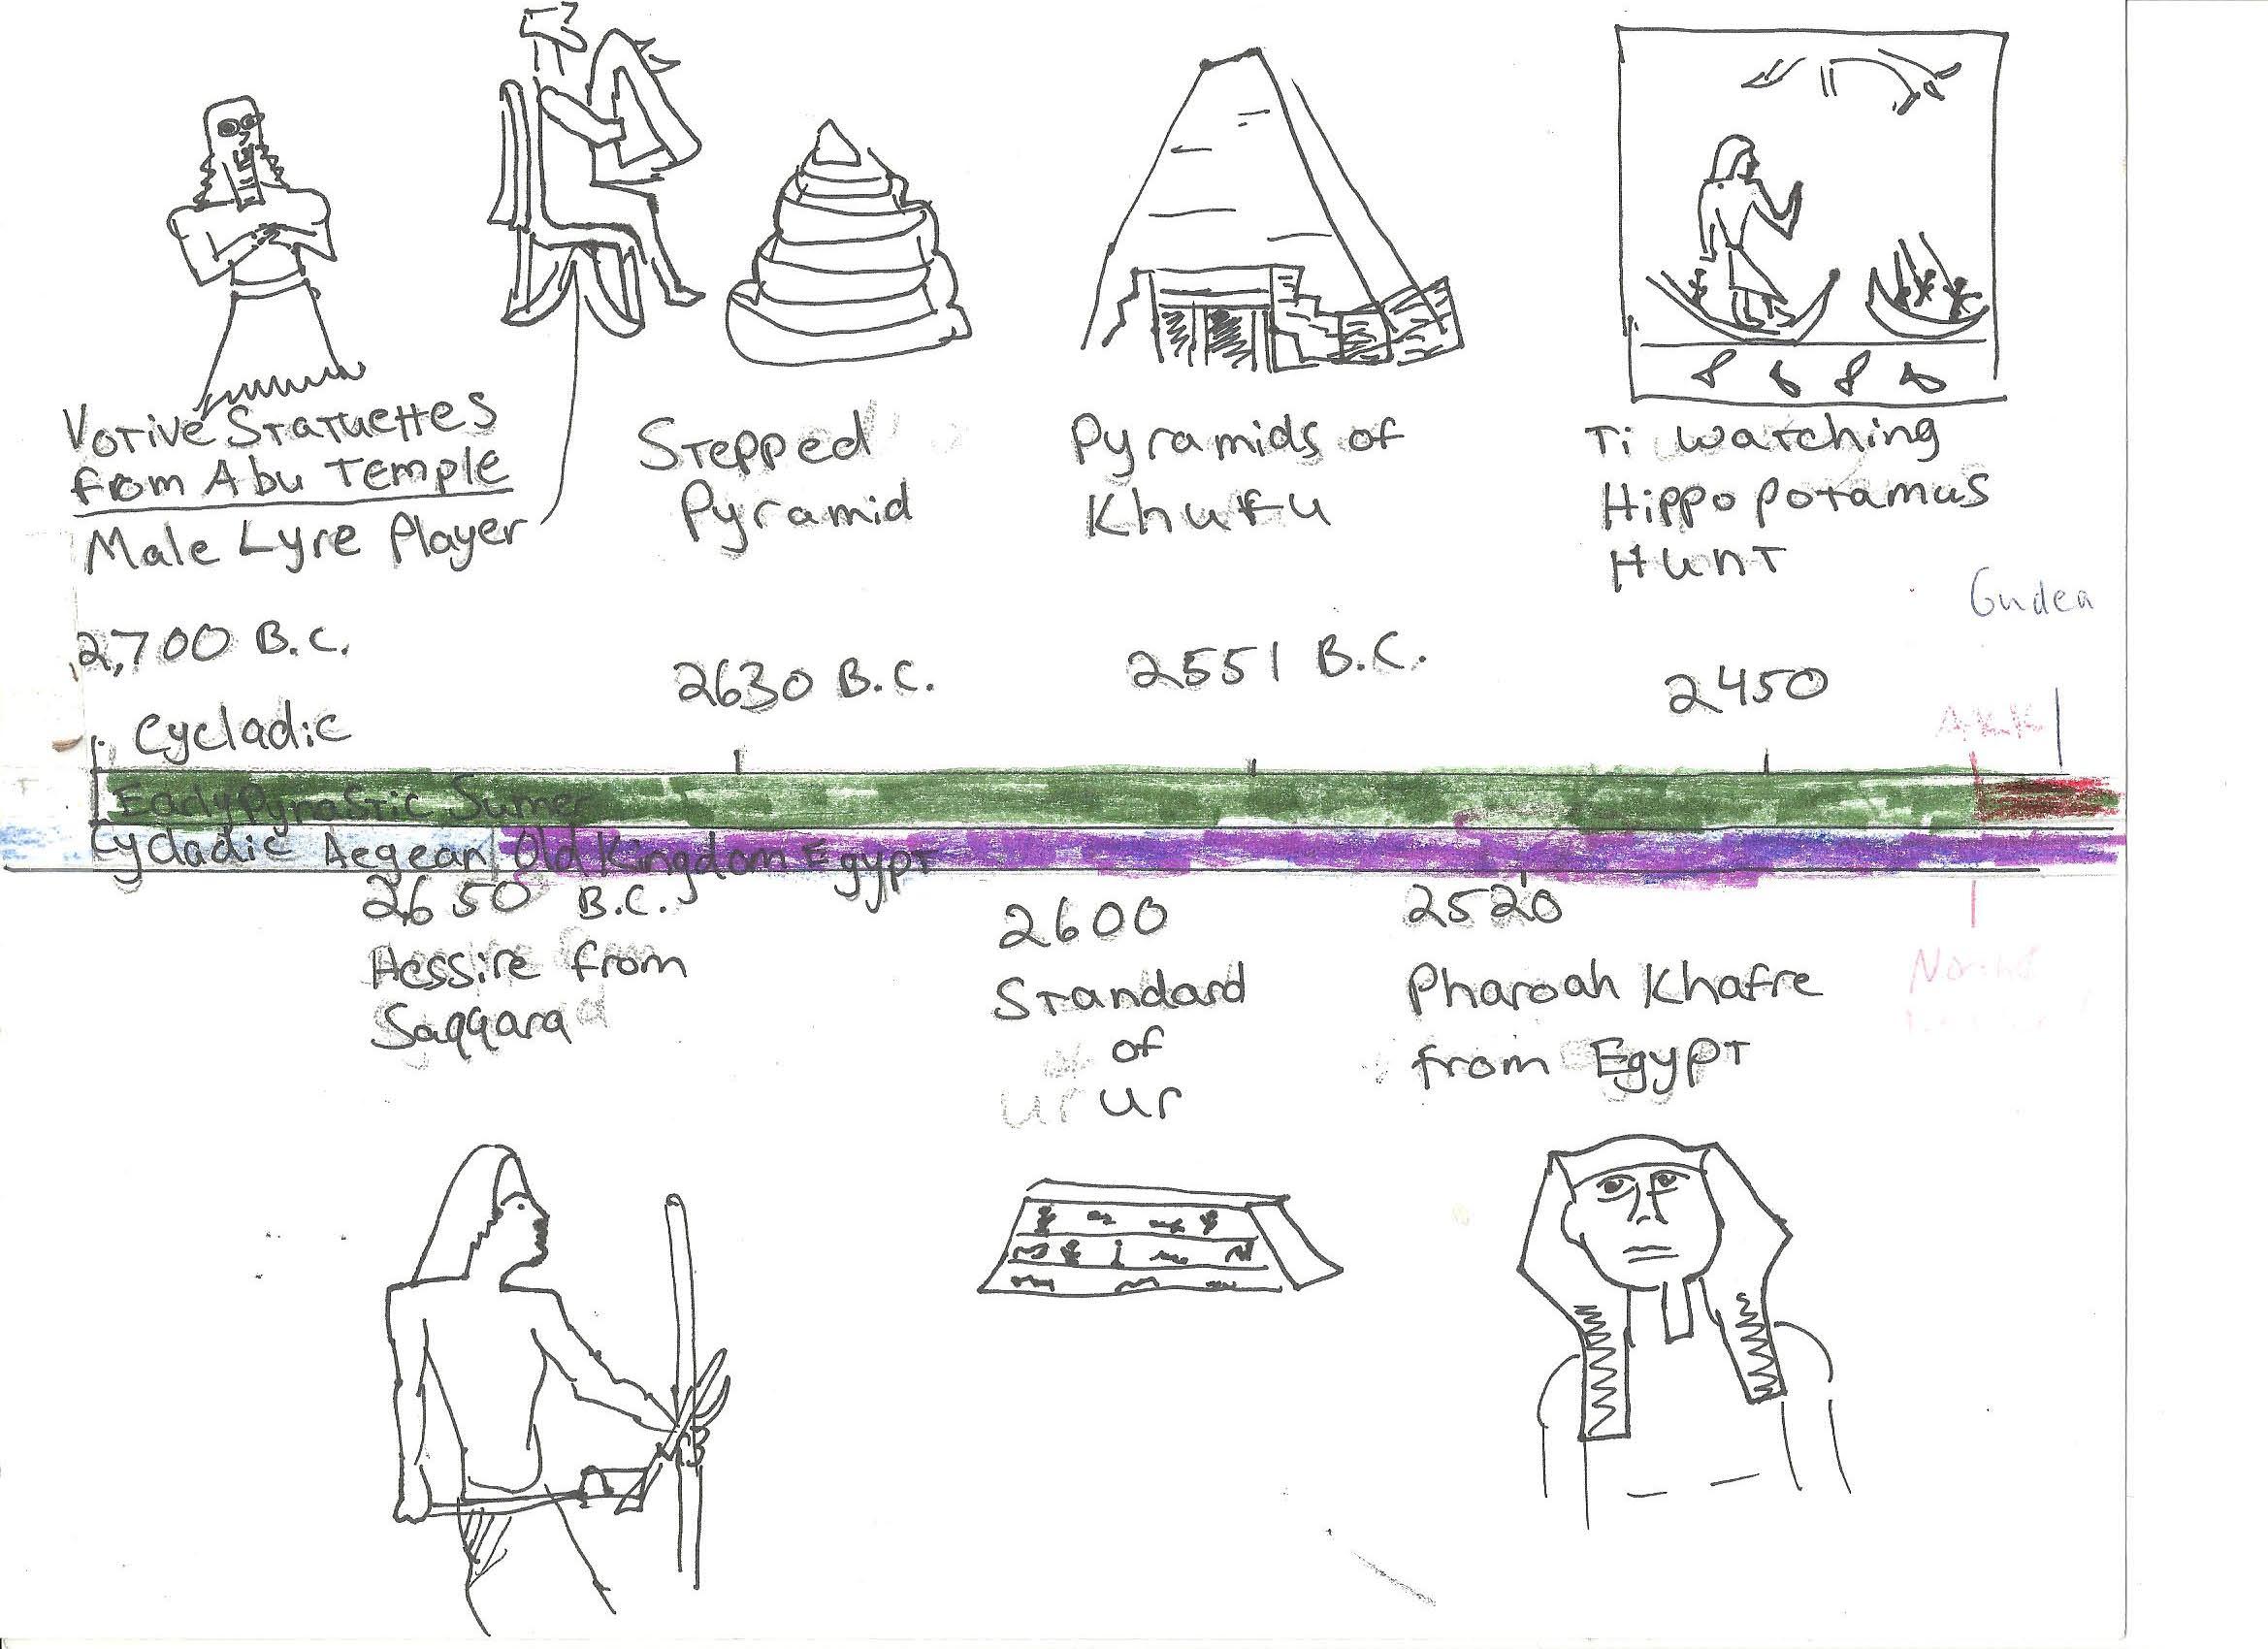 Visual Art History Timeline